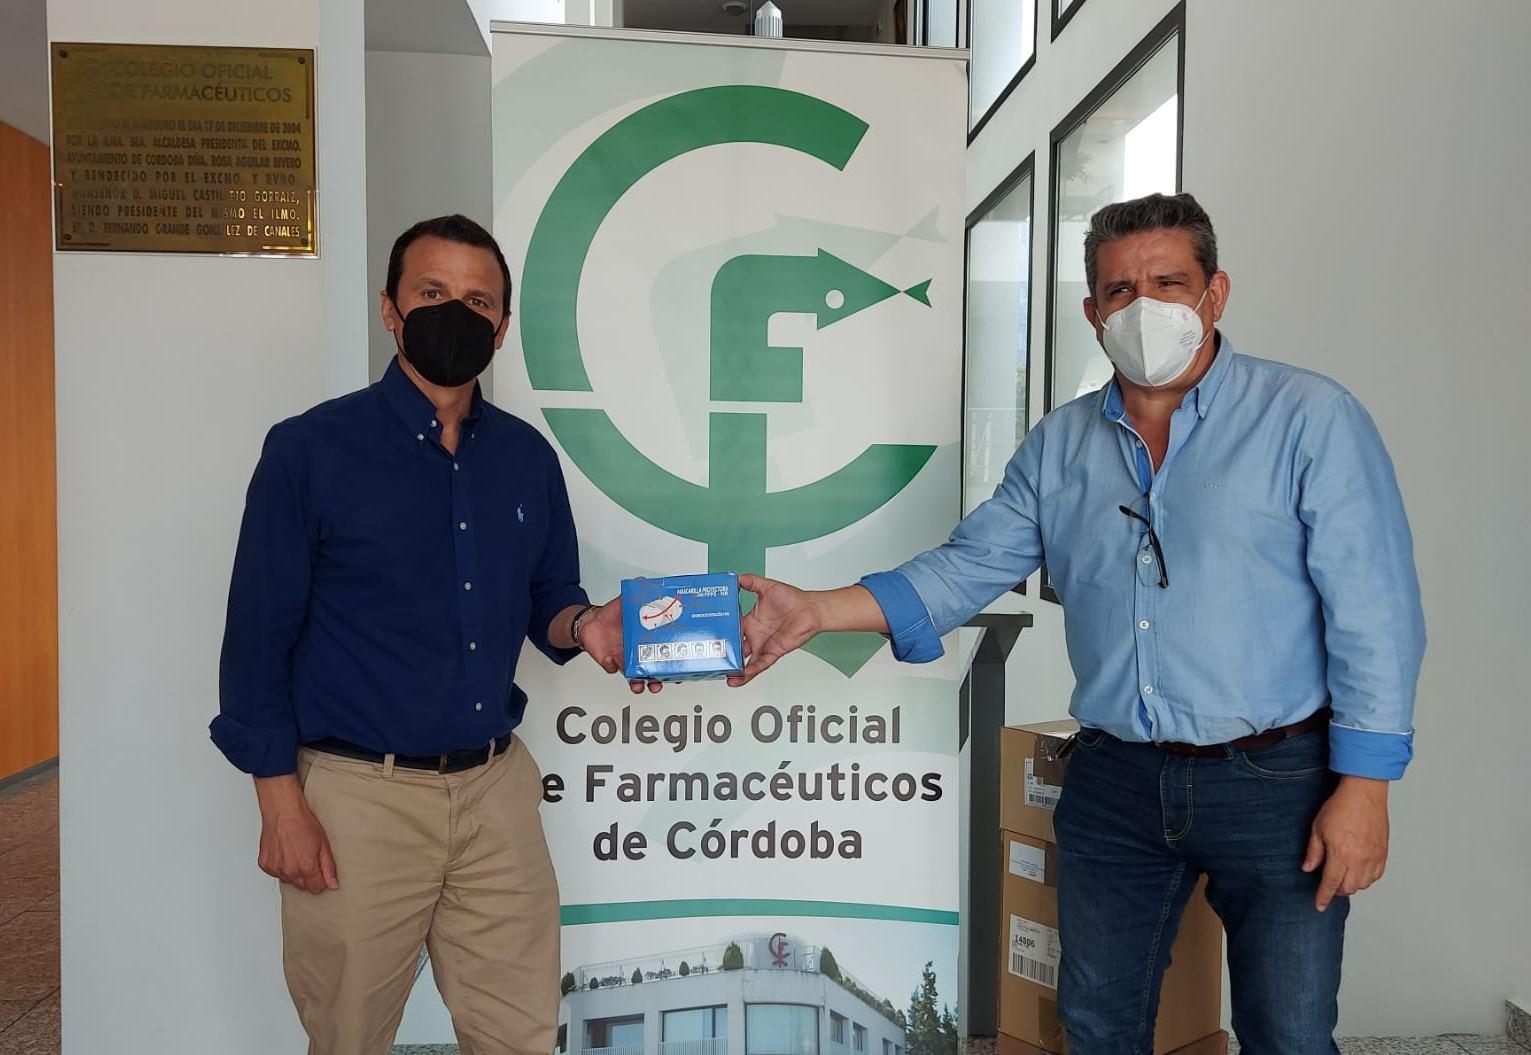 El Colegio de Farmacéuticos de Córdoba entrega medio millar de mascarillas FFP2 y 10 litros de gel hidroalcohólico a la Red Española de Madres y Padres Solidarios